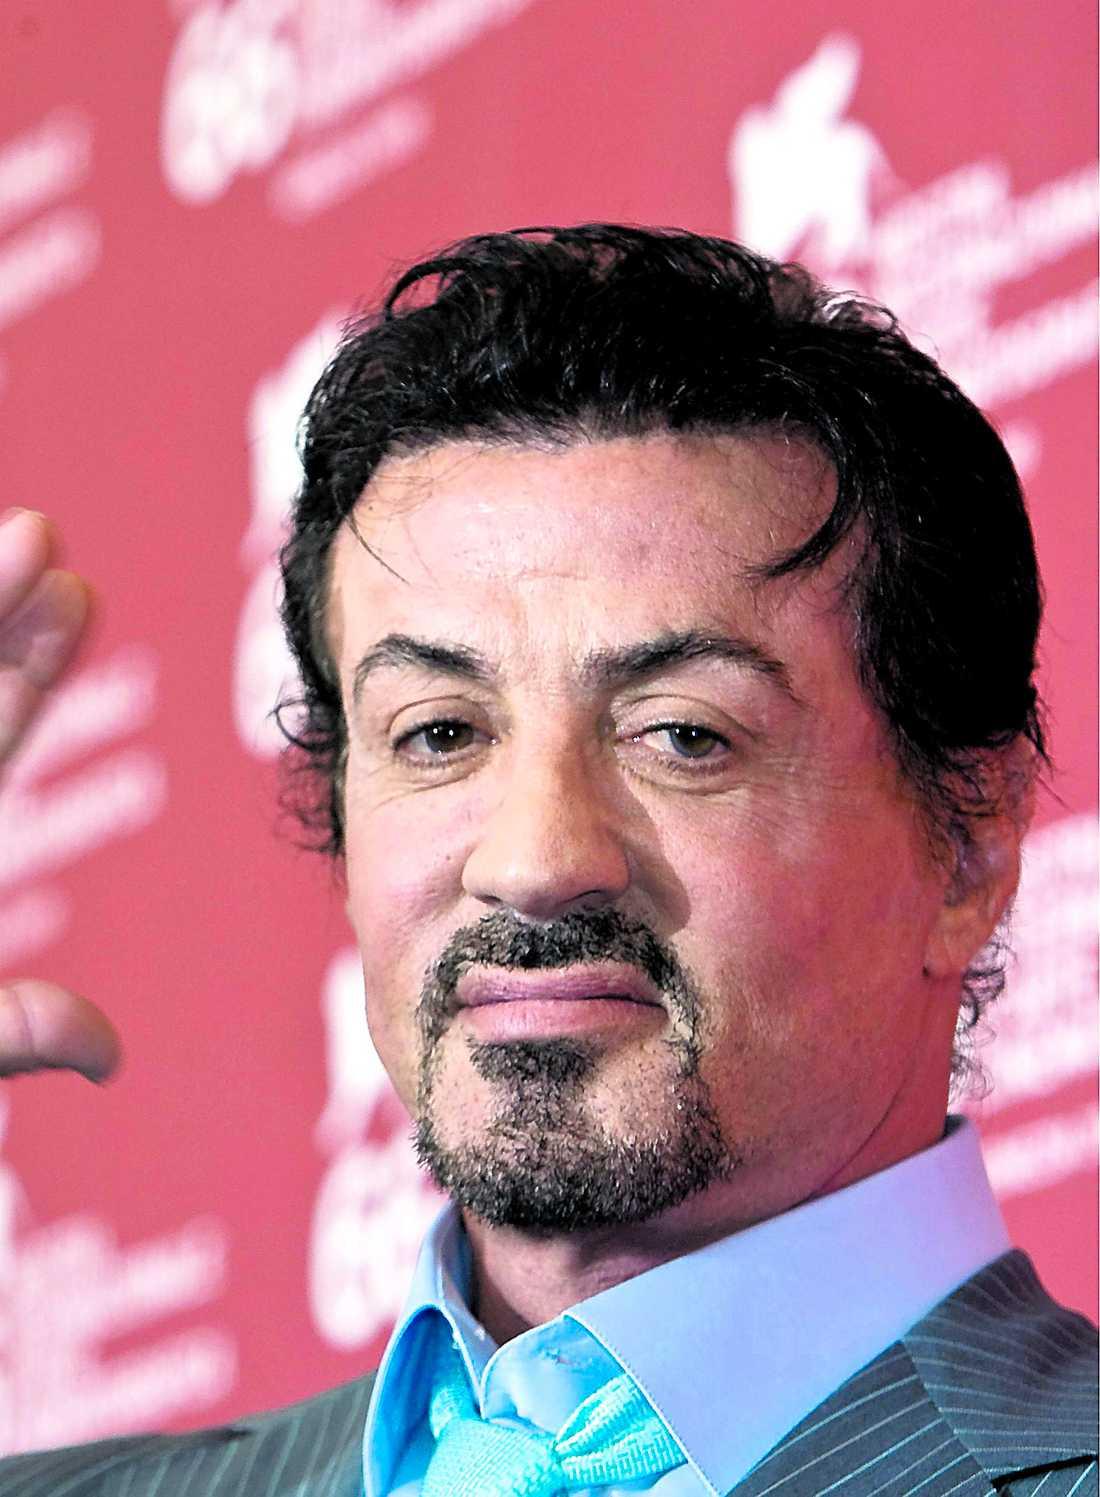 """Sylvester Stallone var nära att dö – och bröt nacken under sin senaste filminspelning. Båda olyckorna skedde under slagsmålsscener. """"Vi var sju killar som pucklade på varandra, den ena hårdare än den andra"""", berättar han."""